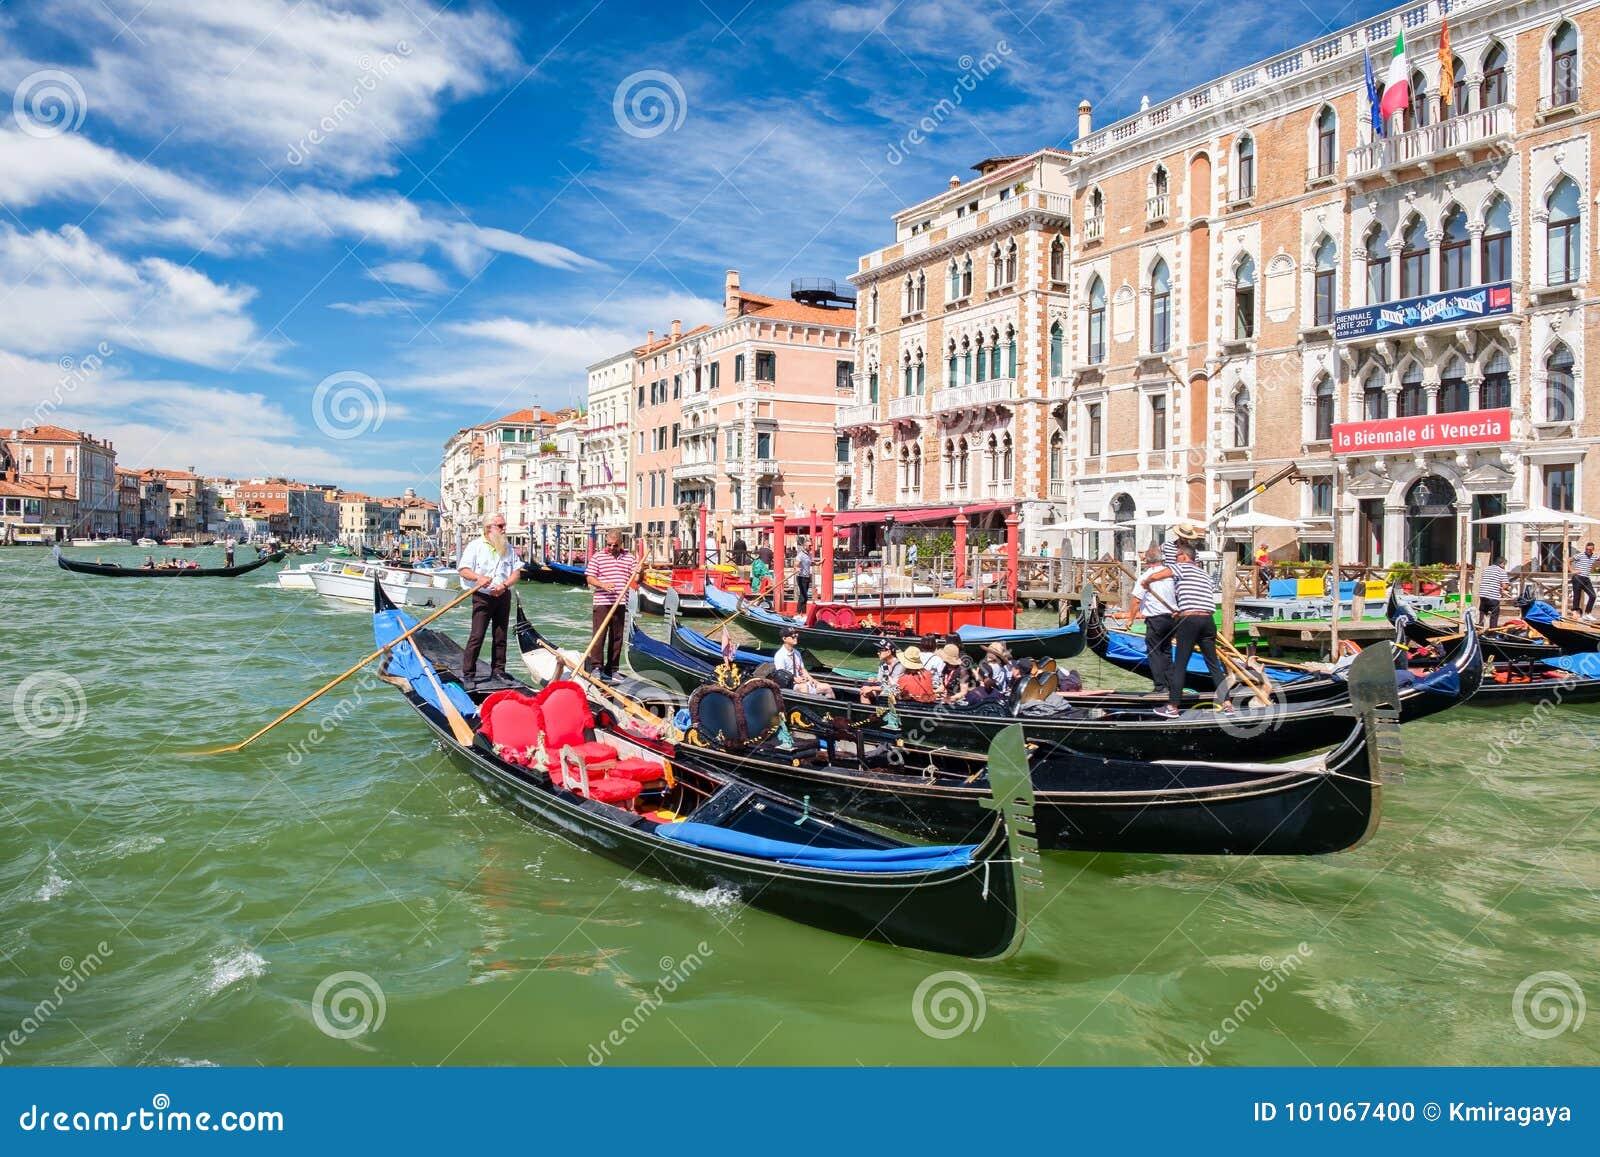 Góndolas tradicionales al lado de palacios hermosos viejos en Grand Canal en Venecia